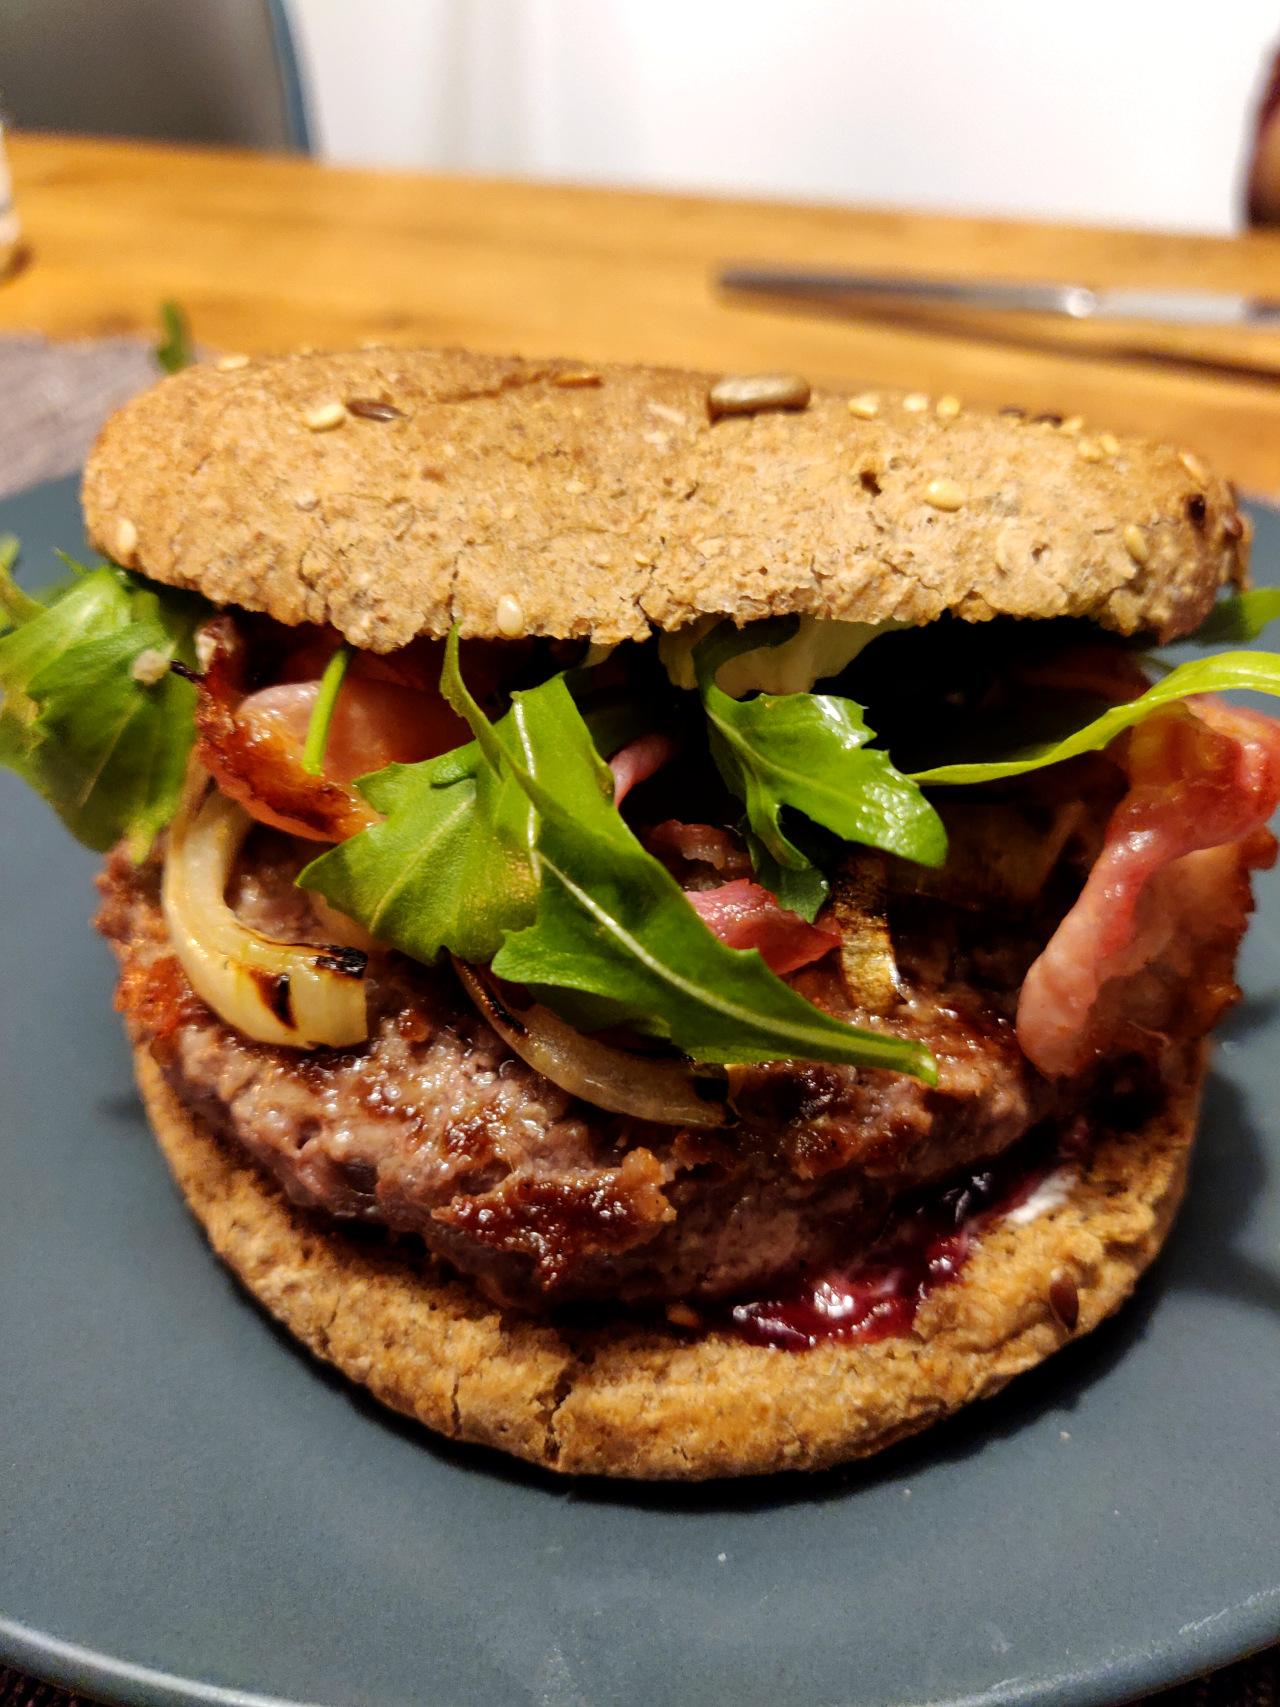 Vollkorn-Hamburger mit Rucola